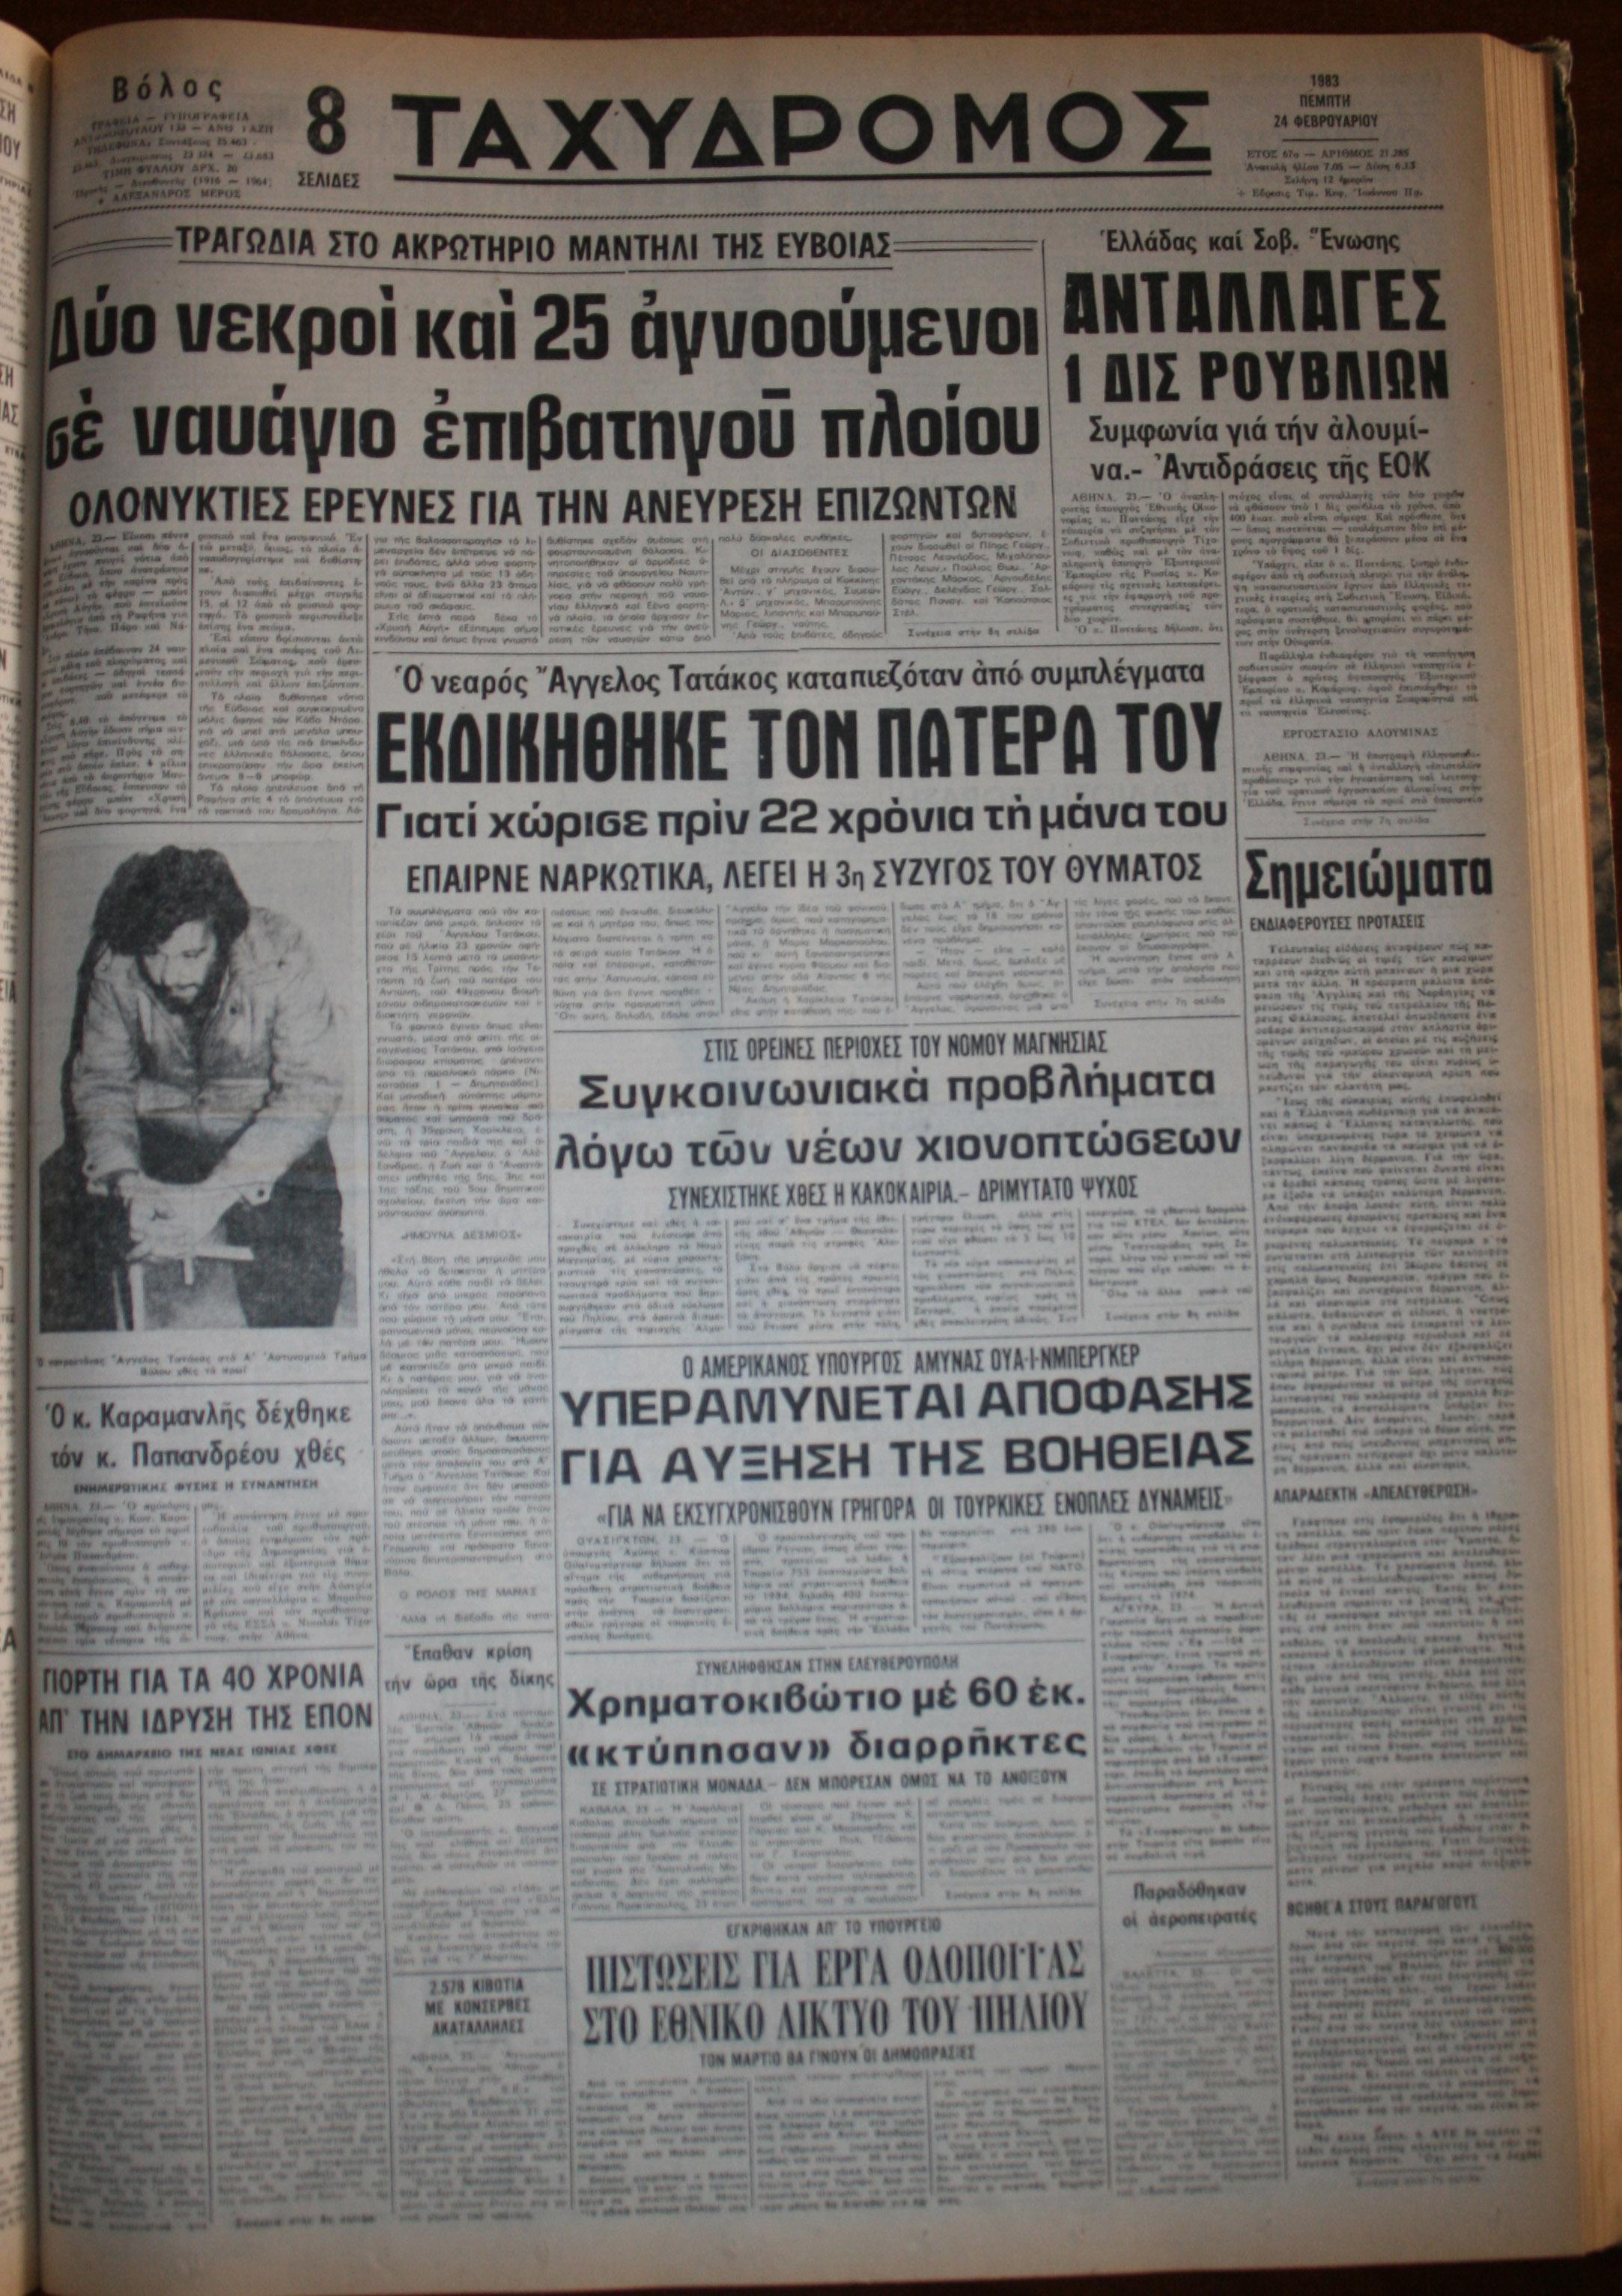 24 Φεβρουαρίου 1983